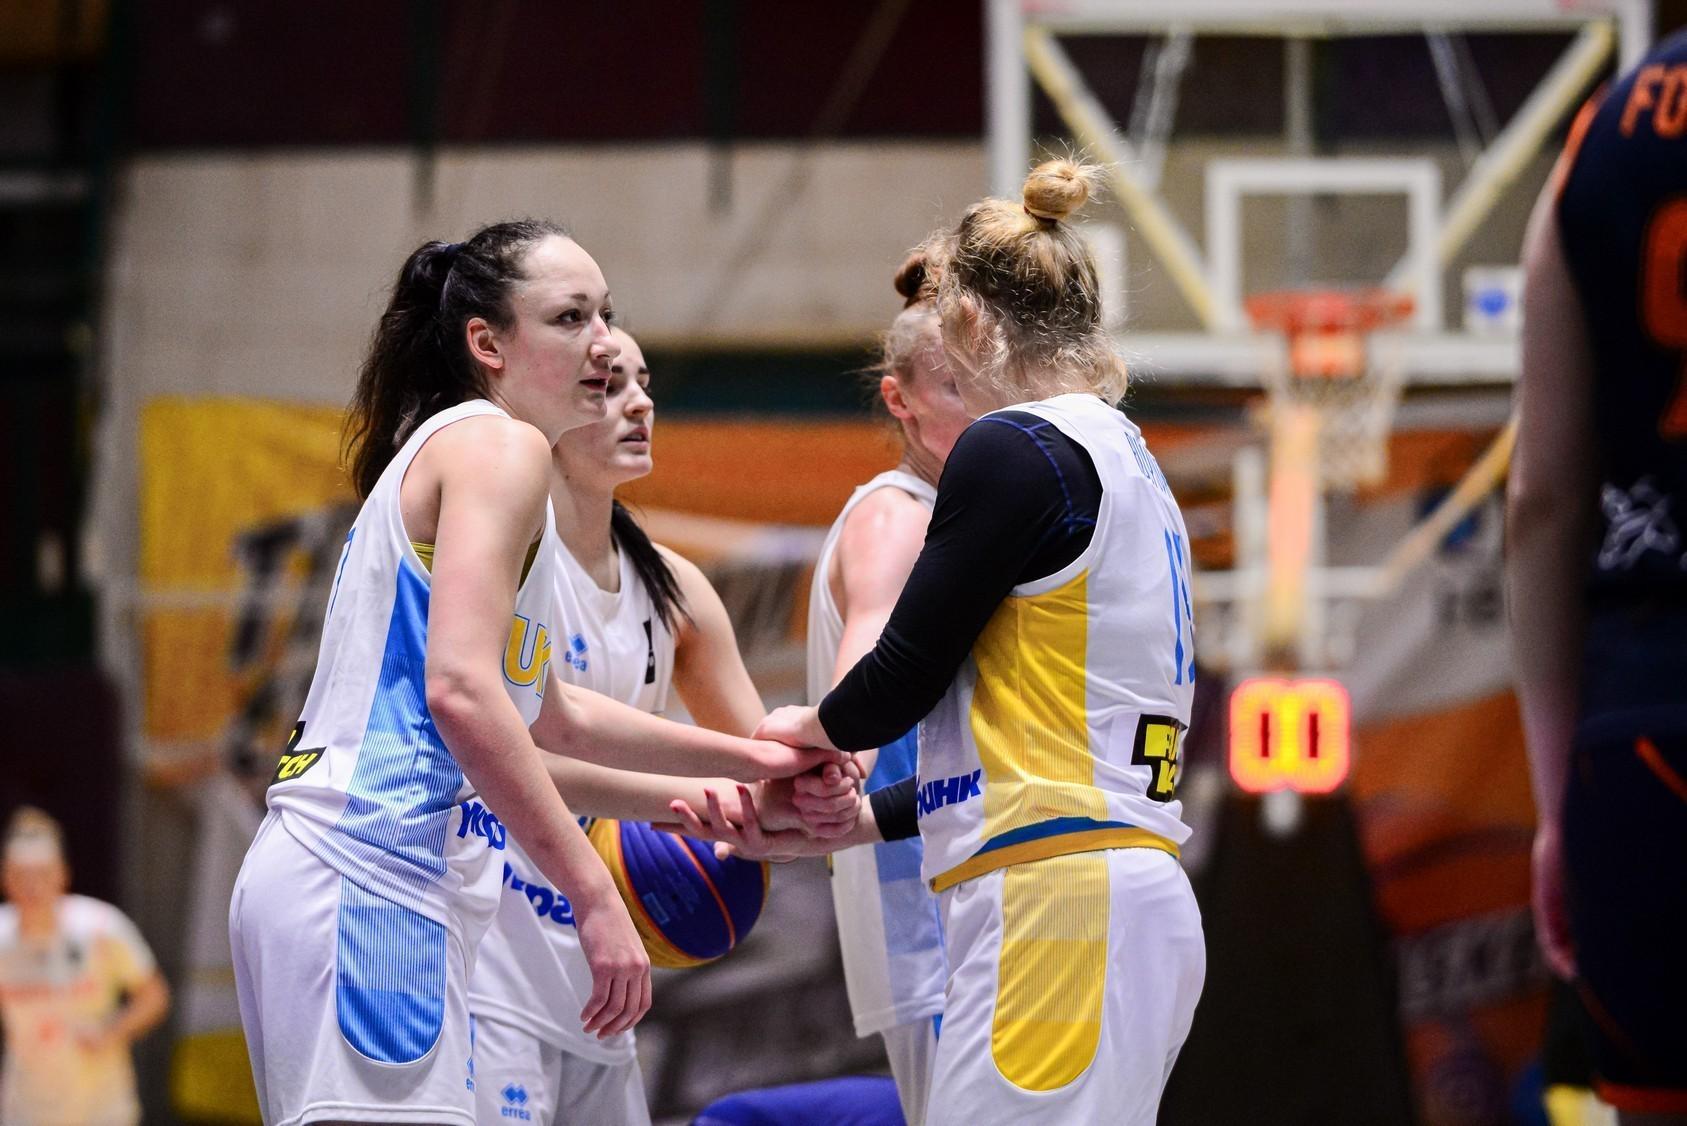 Україна в топ-20 світового рейтингу з баскетболу 3х3